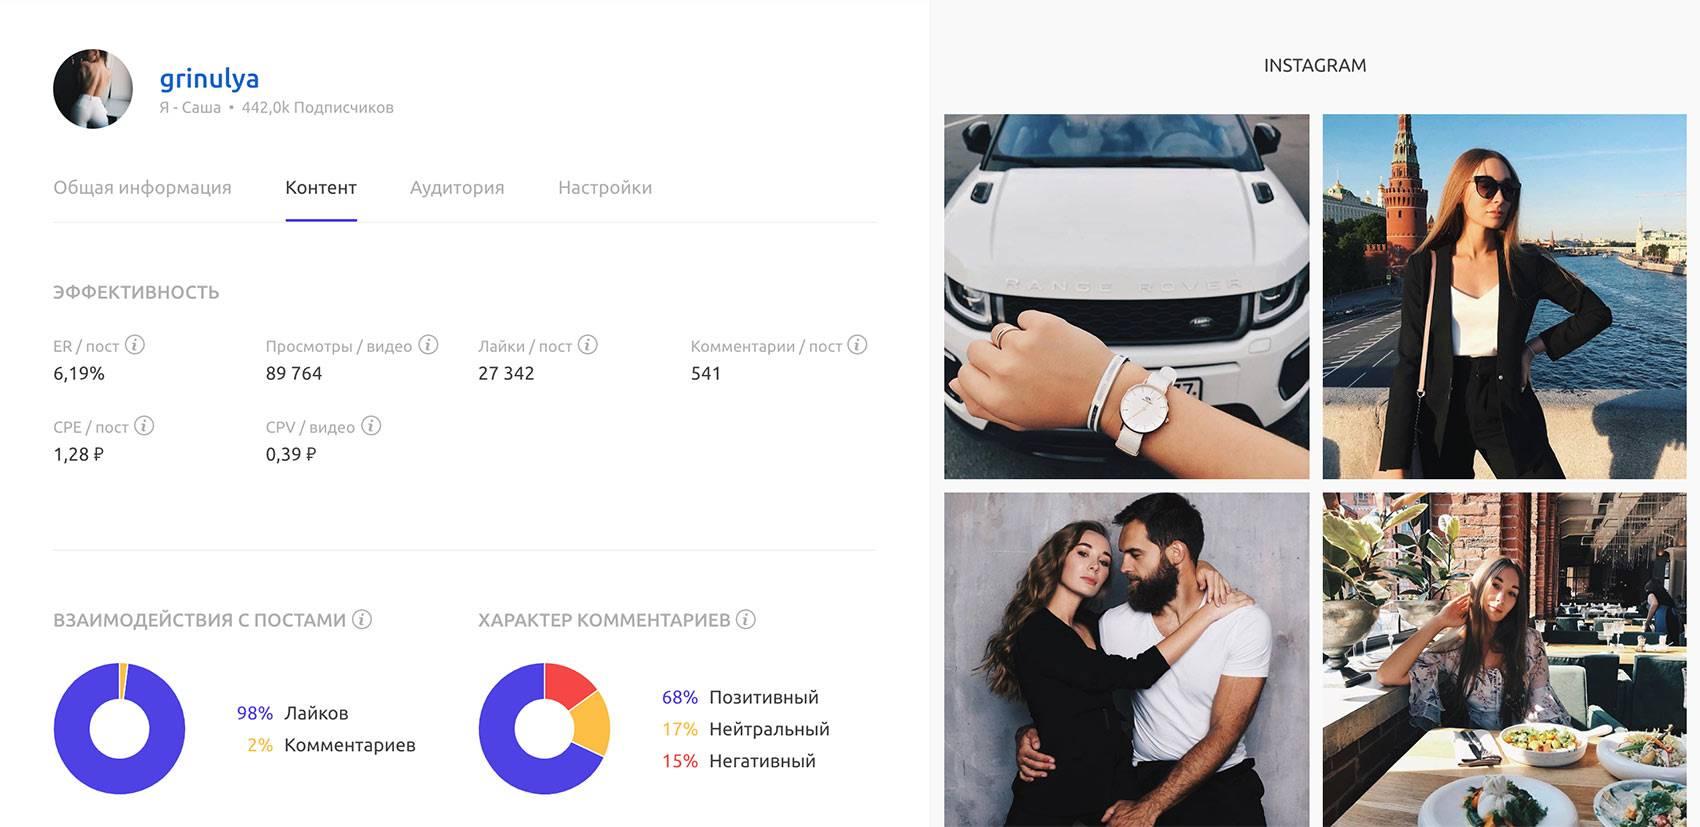 Сколько стоит реклама у блогеров в инстаграме